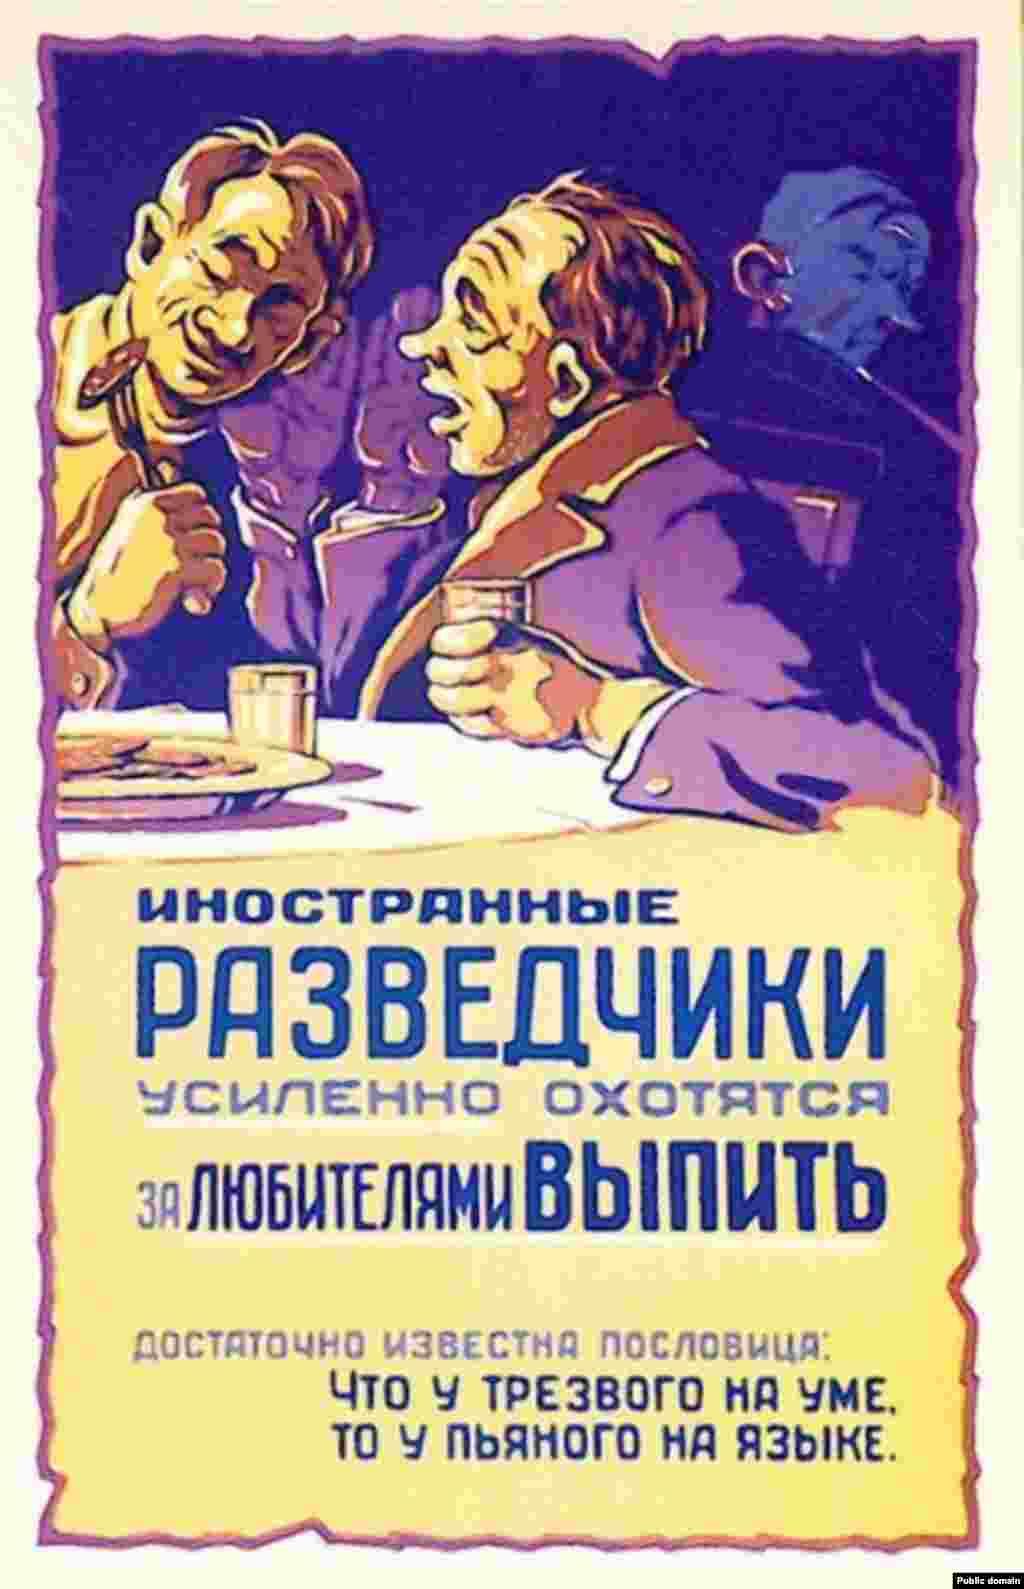 """Този плакат от 1959 г. предупреждава, че """"чужди шпиони усилено издирват любители на чашката"""". В долната част е допълнено, че """"трезвеният пази всичко в ума си, а пияният говори""""."""